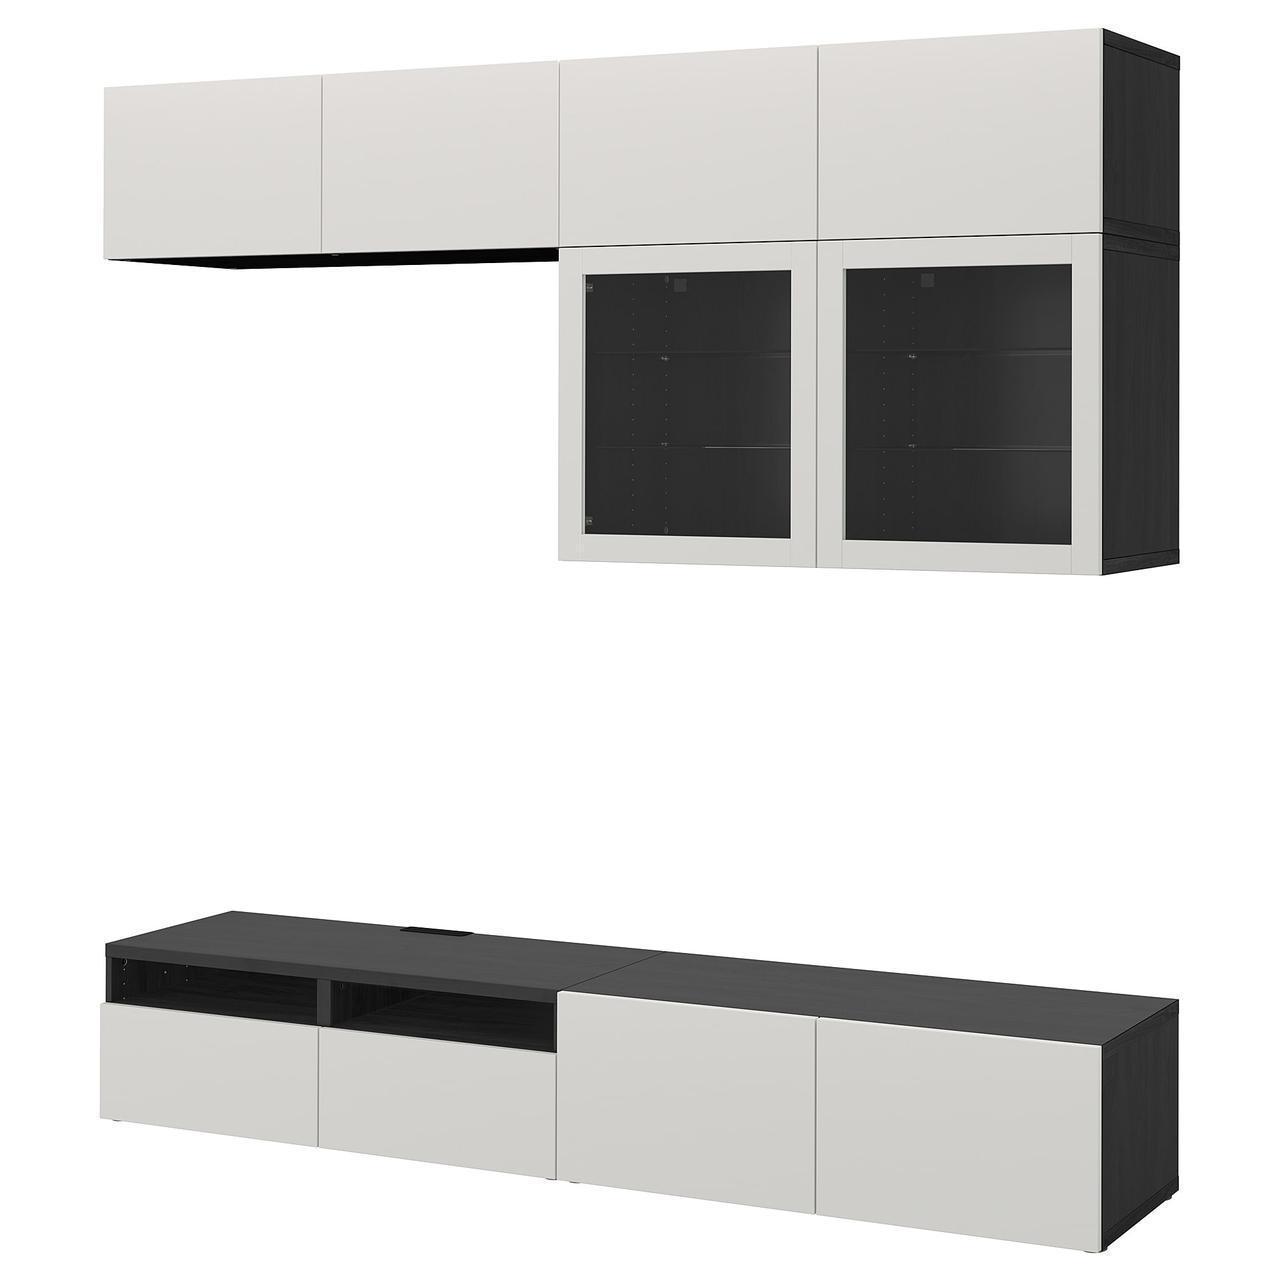 IKEA BESTA Тумба под телевизор с стеклянными дверьми, черно-коричневый Лаппвикен, (892.023.25)